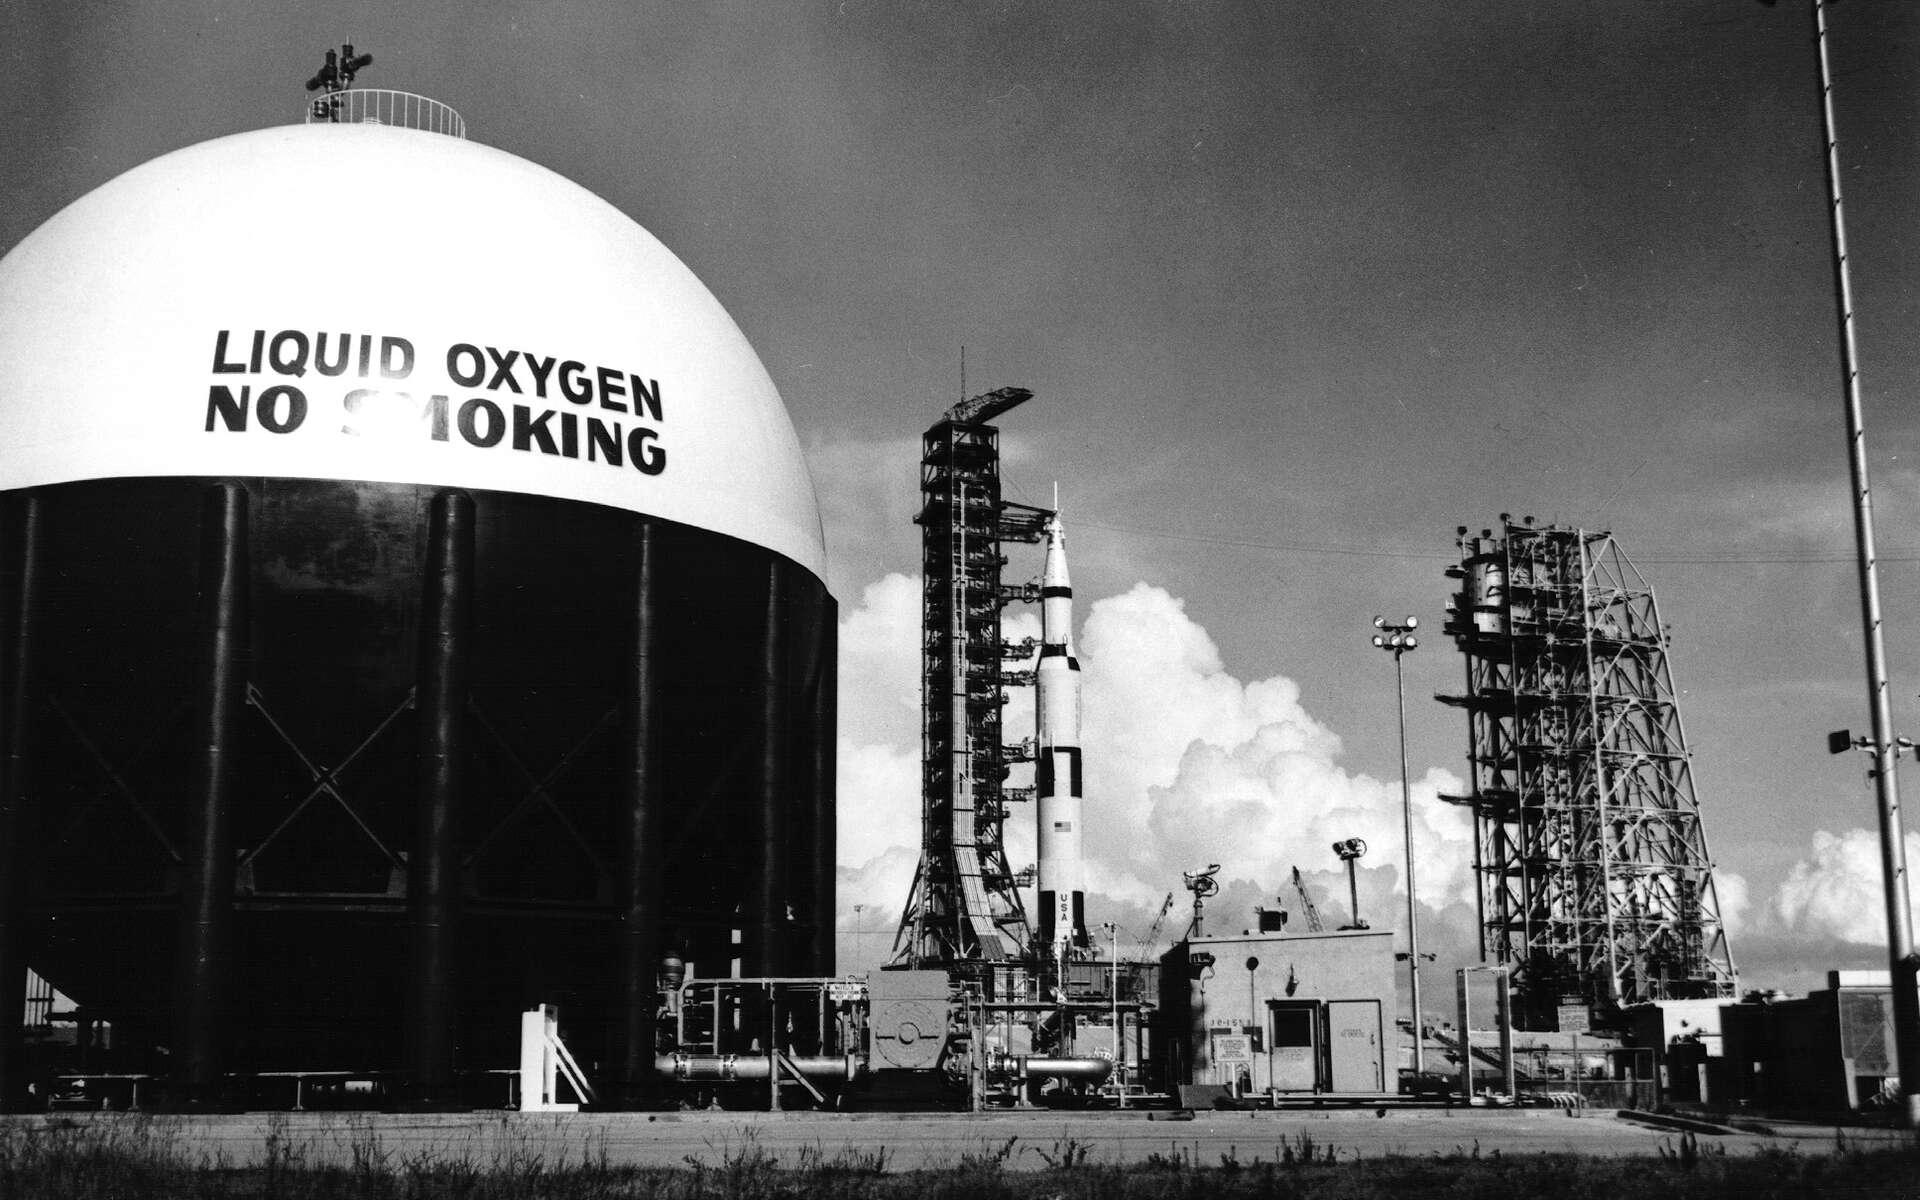 Saturne V sur son pas de tir le 11 juillet 1969. Le système d'accès mobile est retiré pour un test du compte à rebours. © Nasa